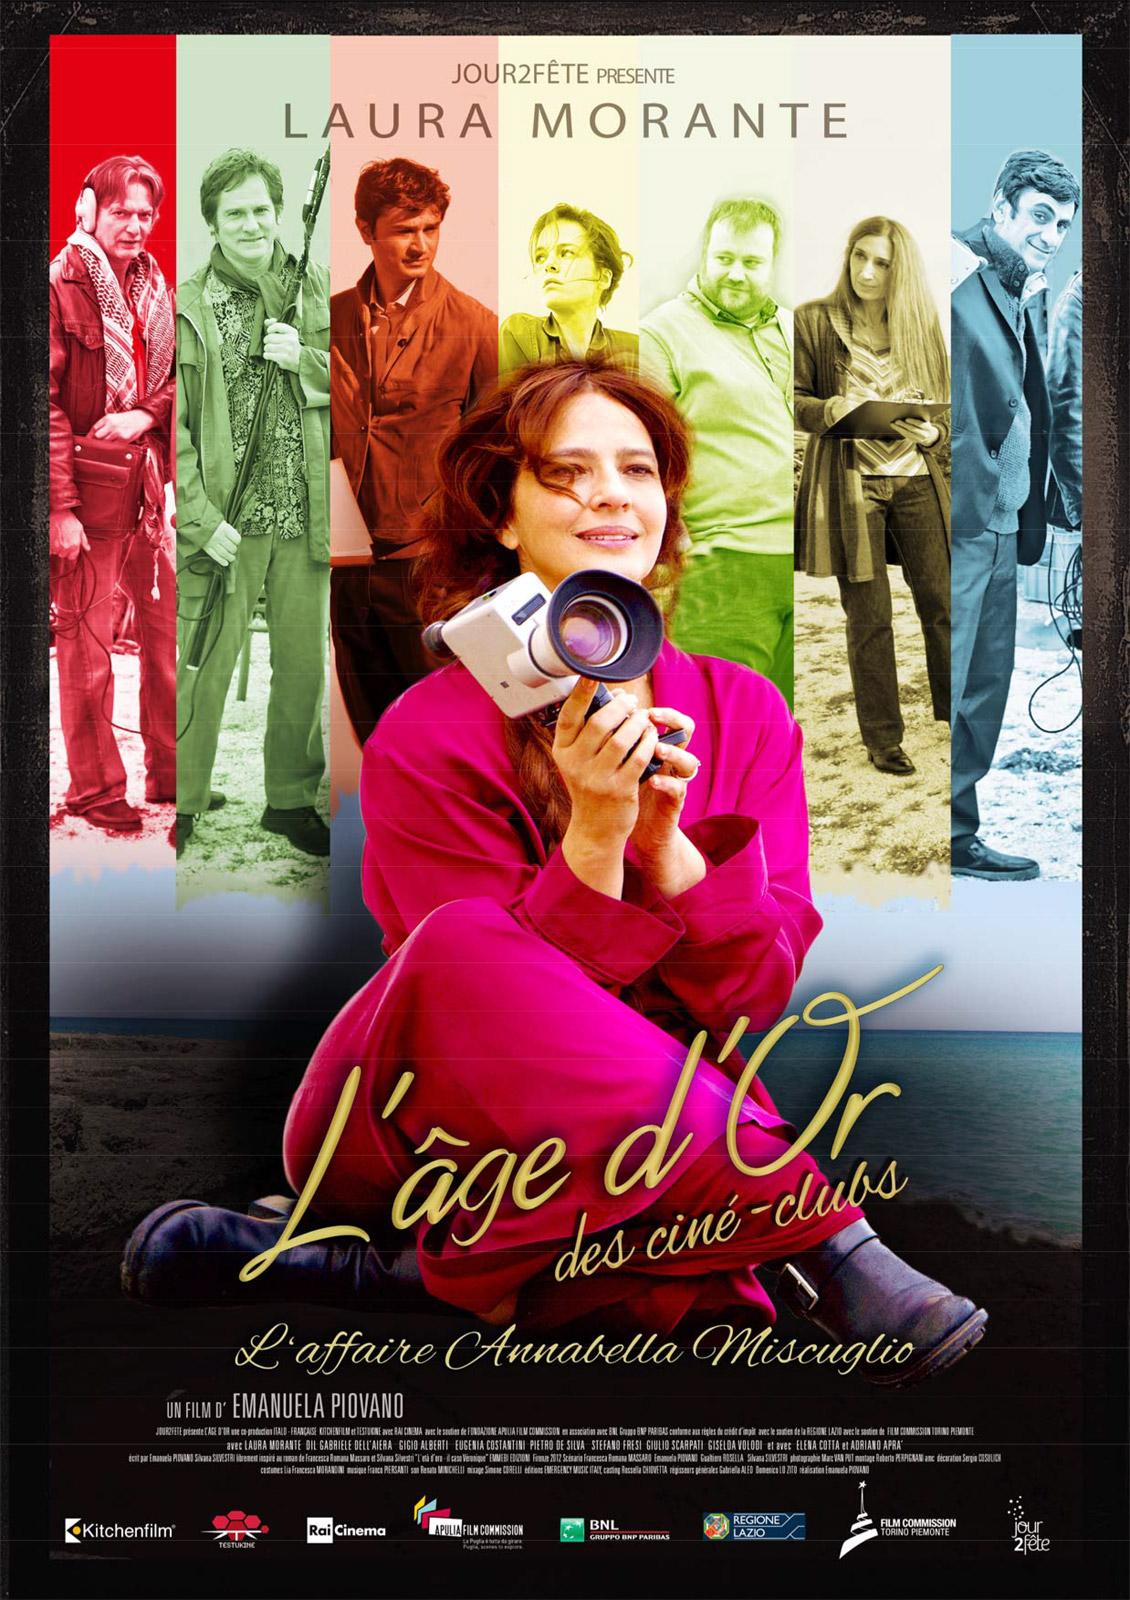 6a6cb64dad20 L Age d or des ciné-clubs   Les films similaires - AlloCiné